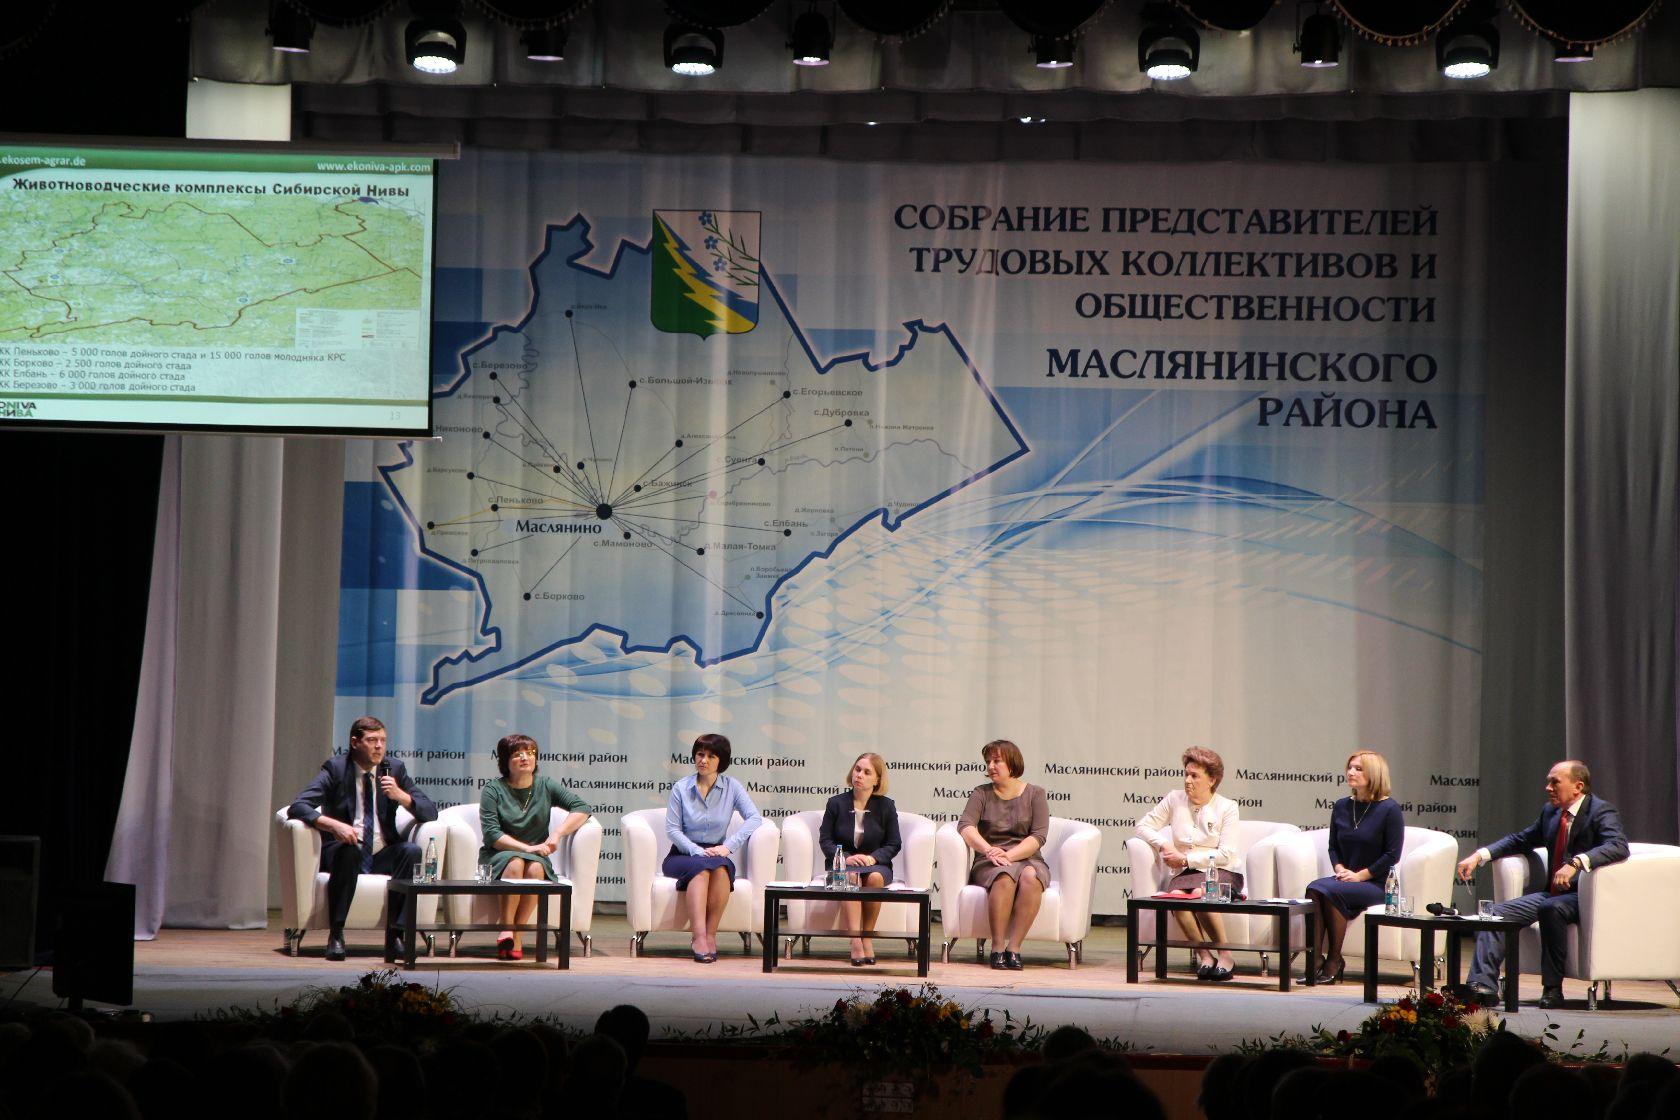 Собрание трудовых коллективов и общественности Маслянинского района